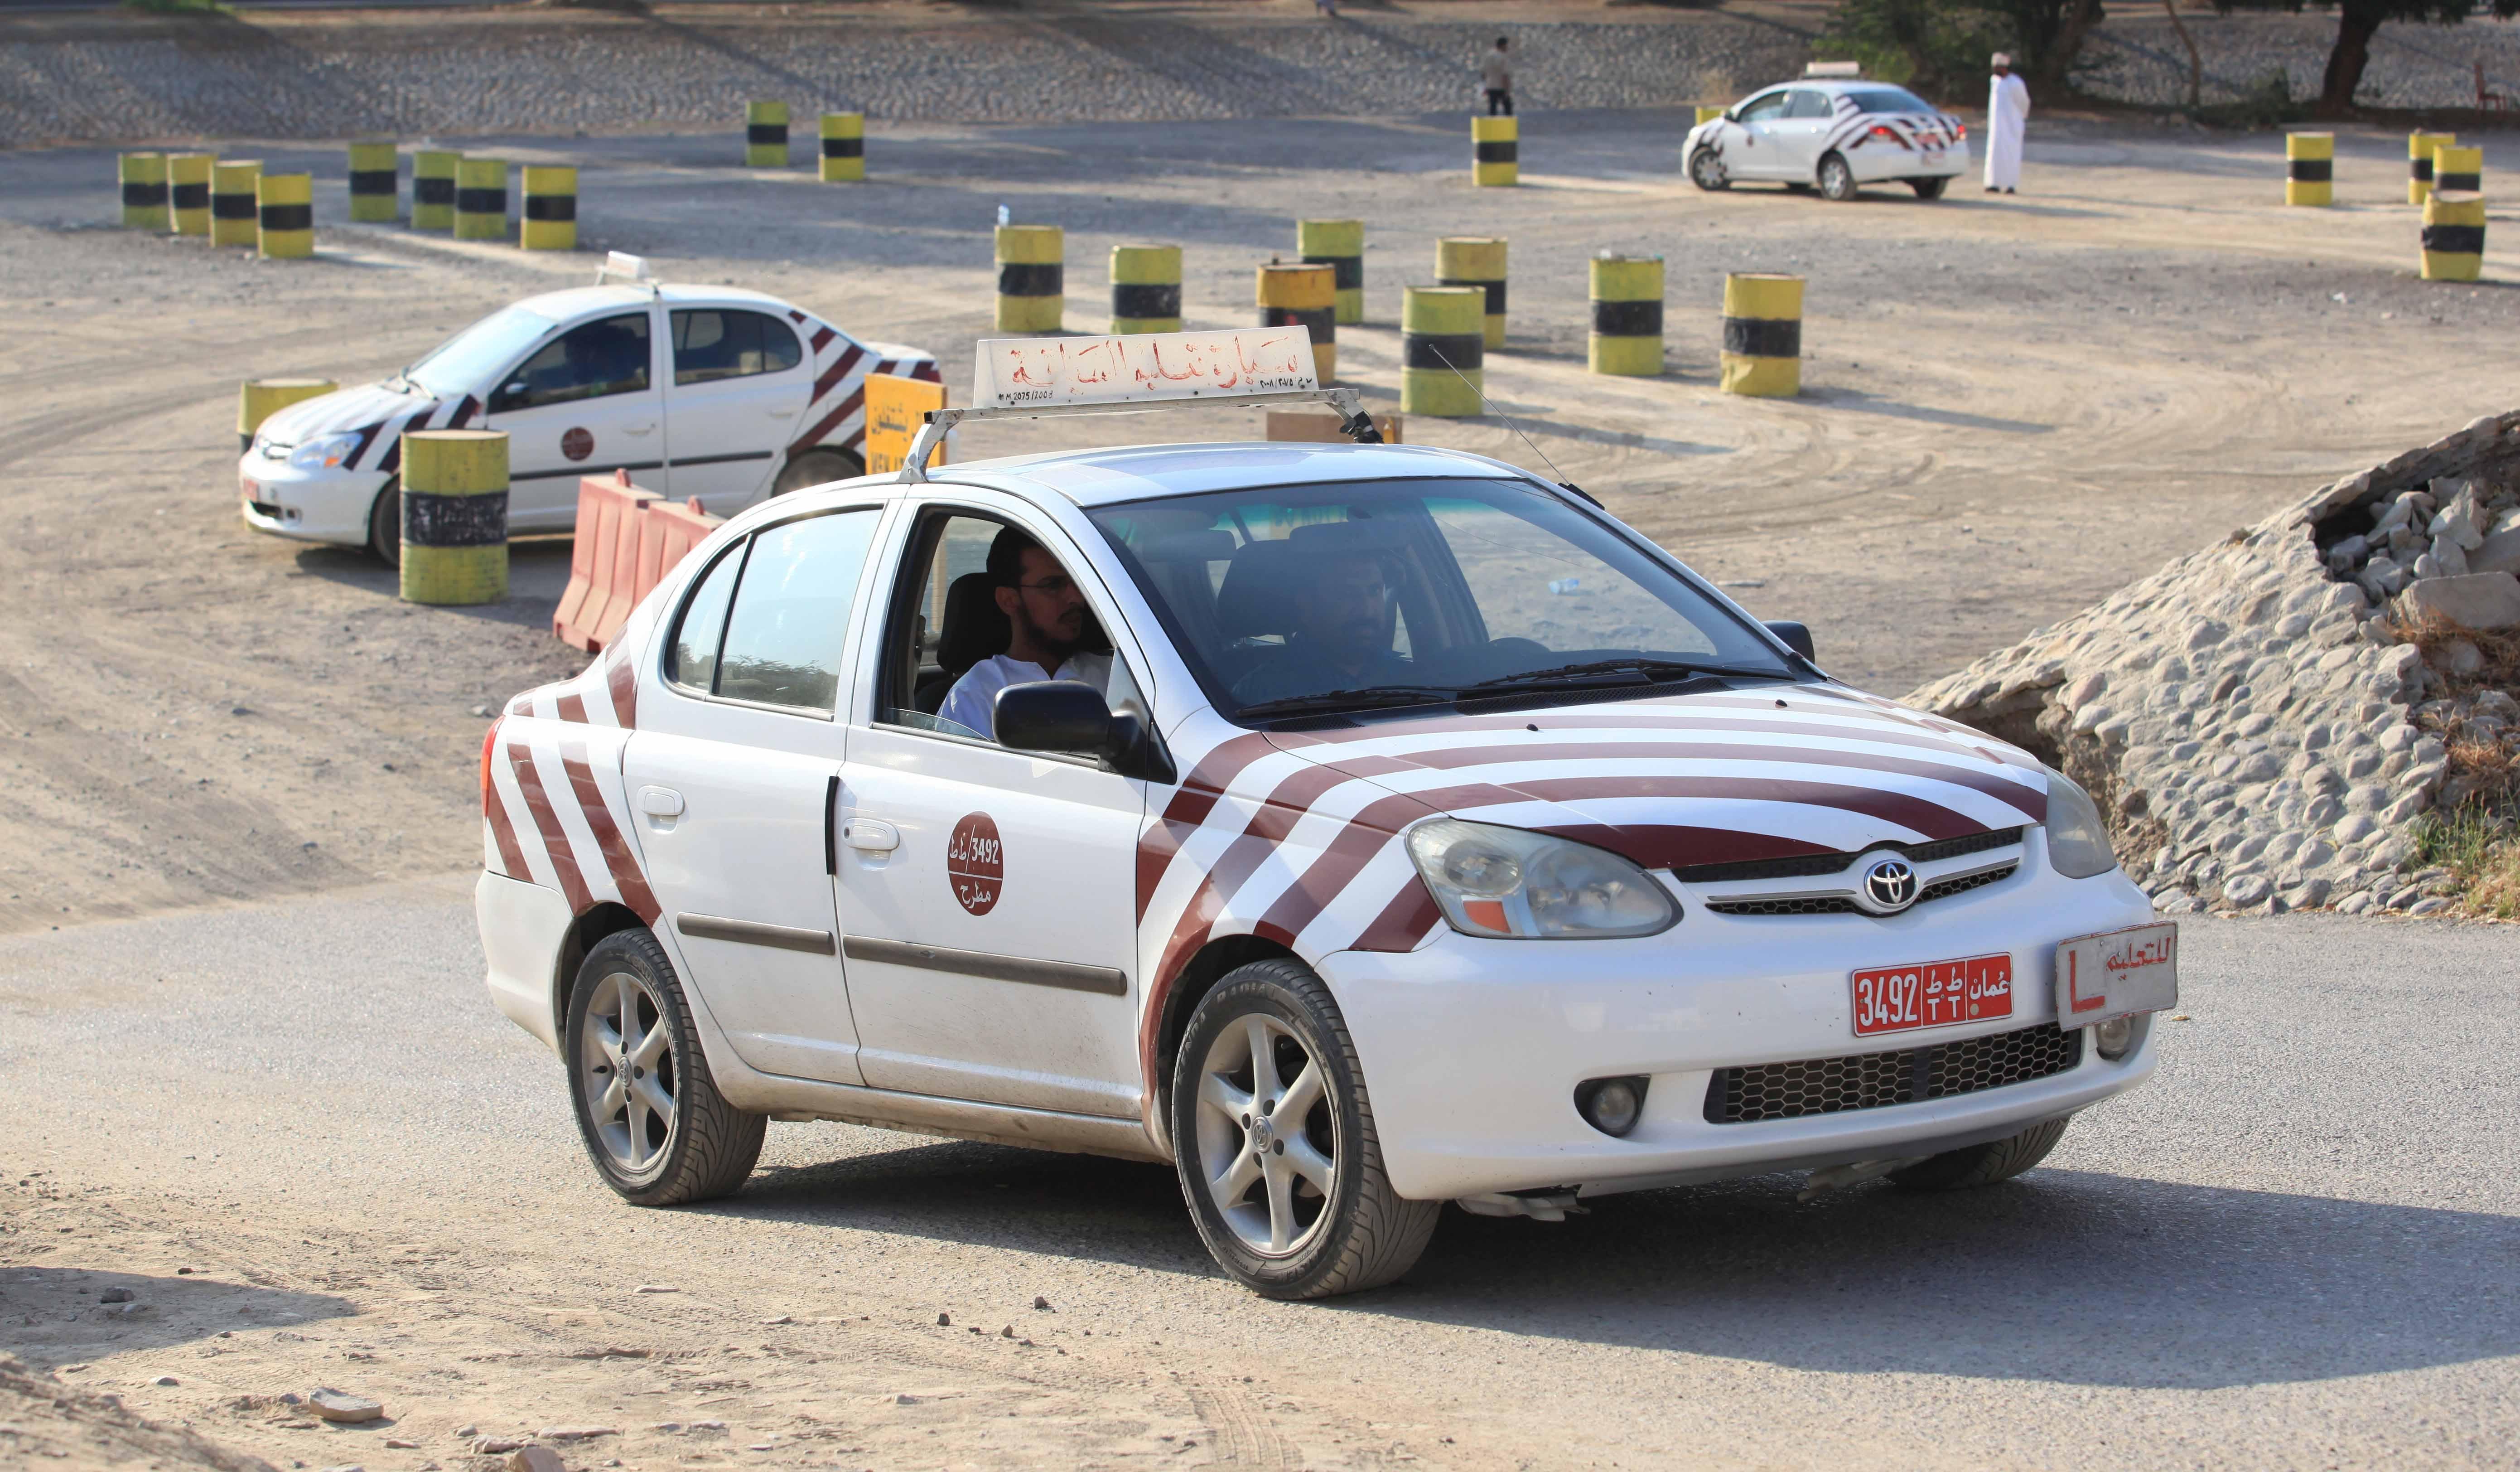 هل ينصرف العمانيون عن مهنة تعليم السياقة؟